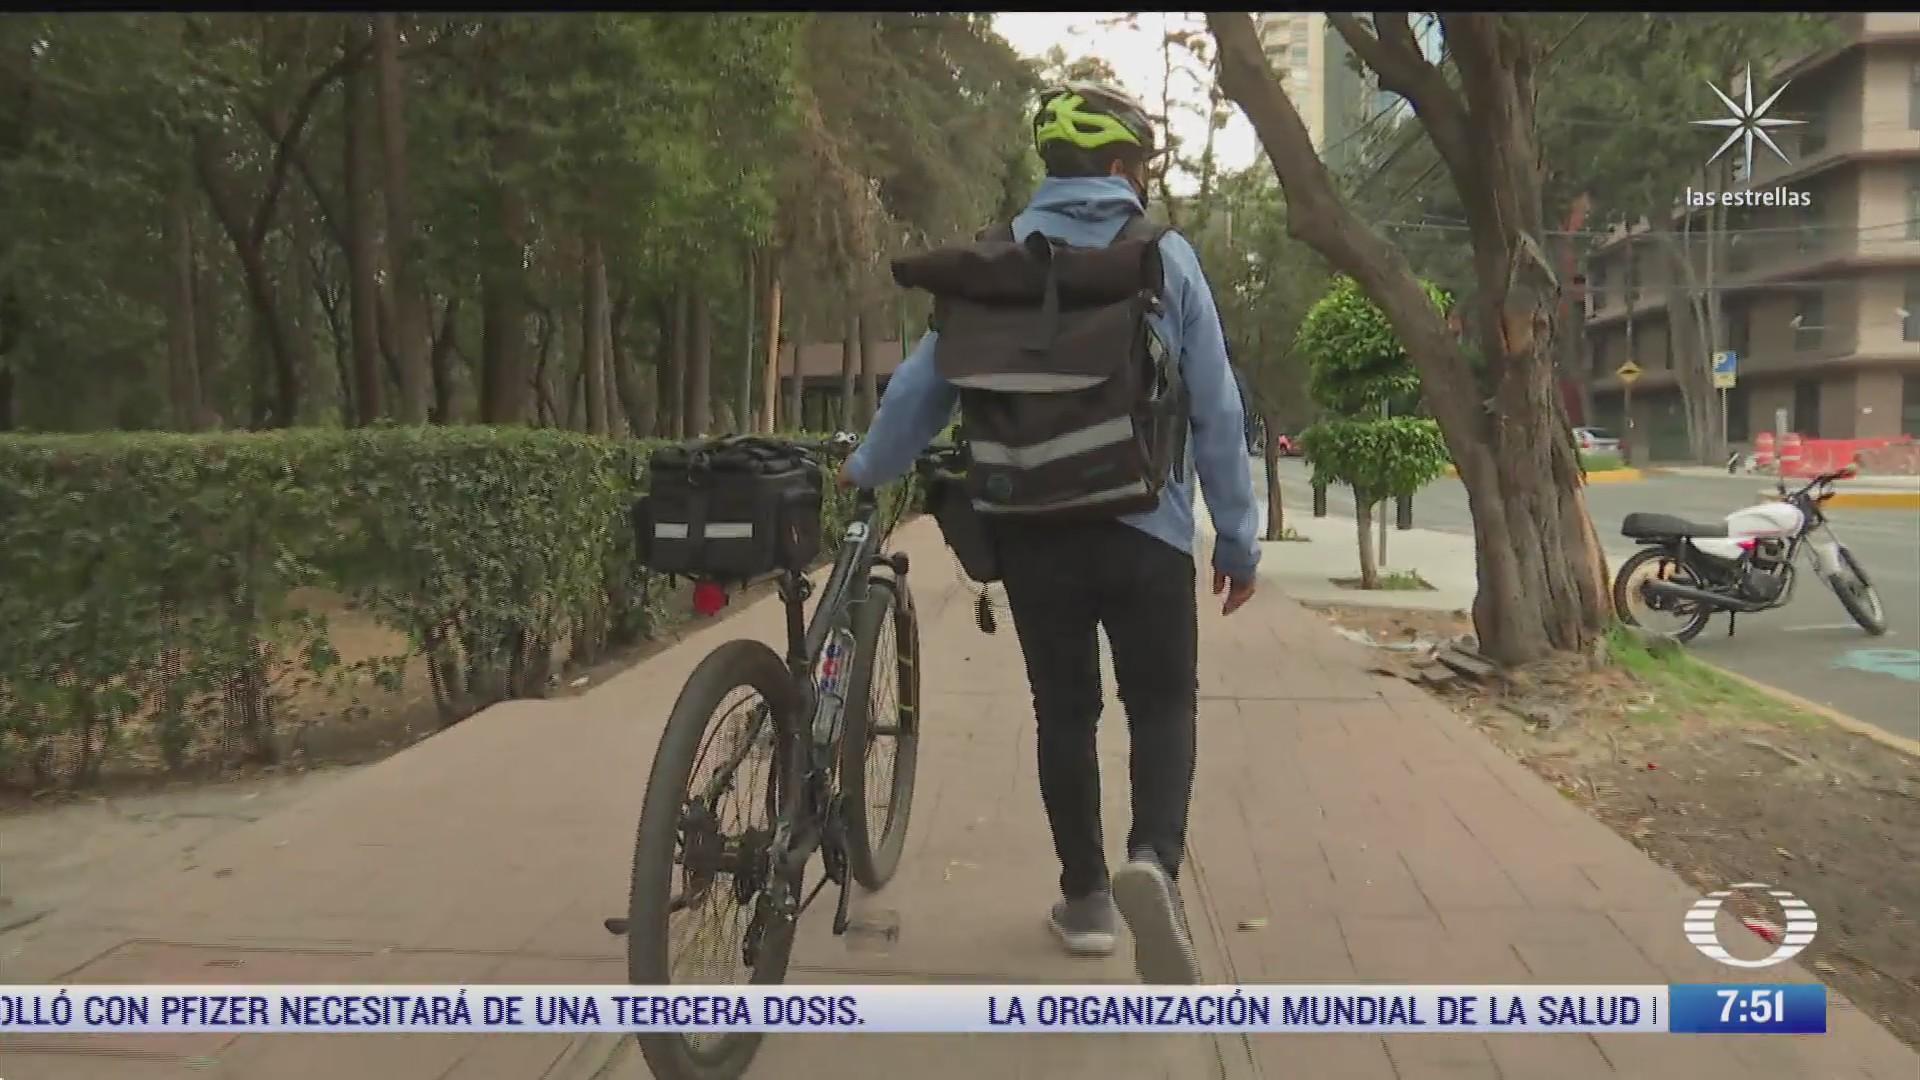 el venezolano roba bicicletas en la cdmx